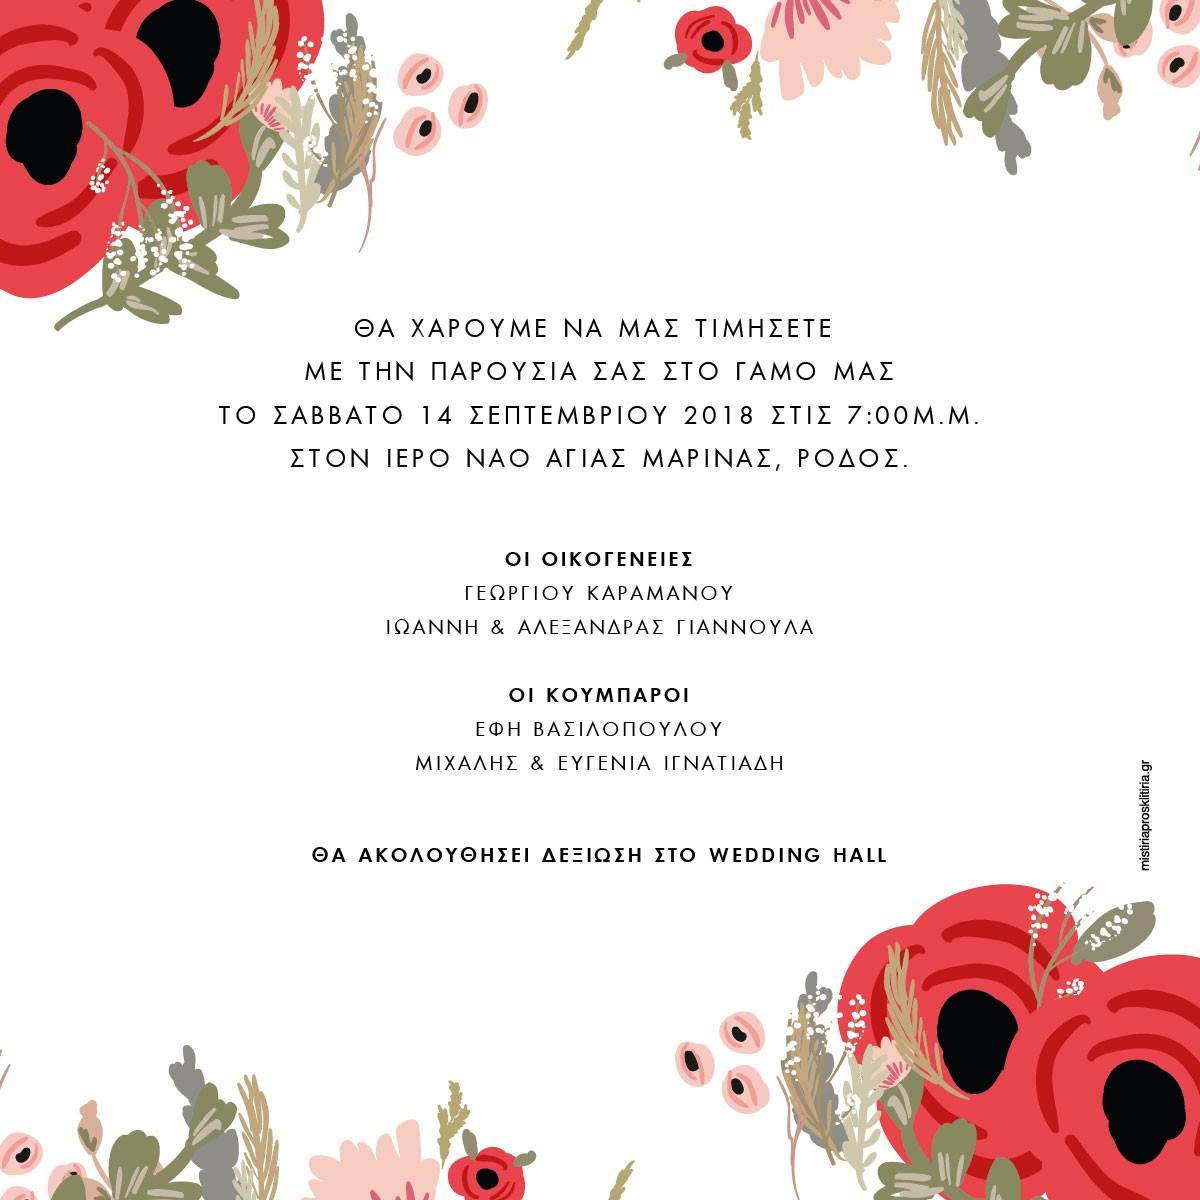 Τριαντάφυλλα χειροποίητα